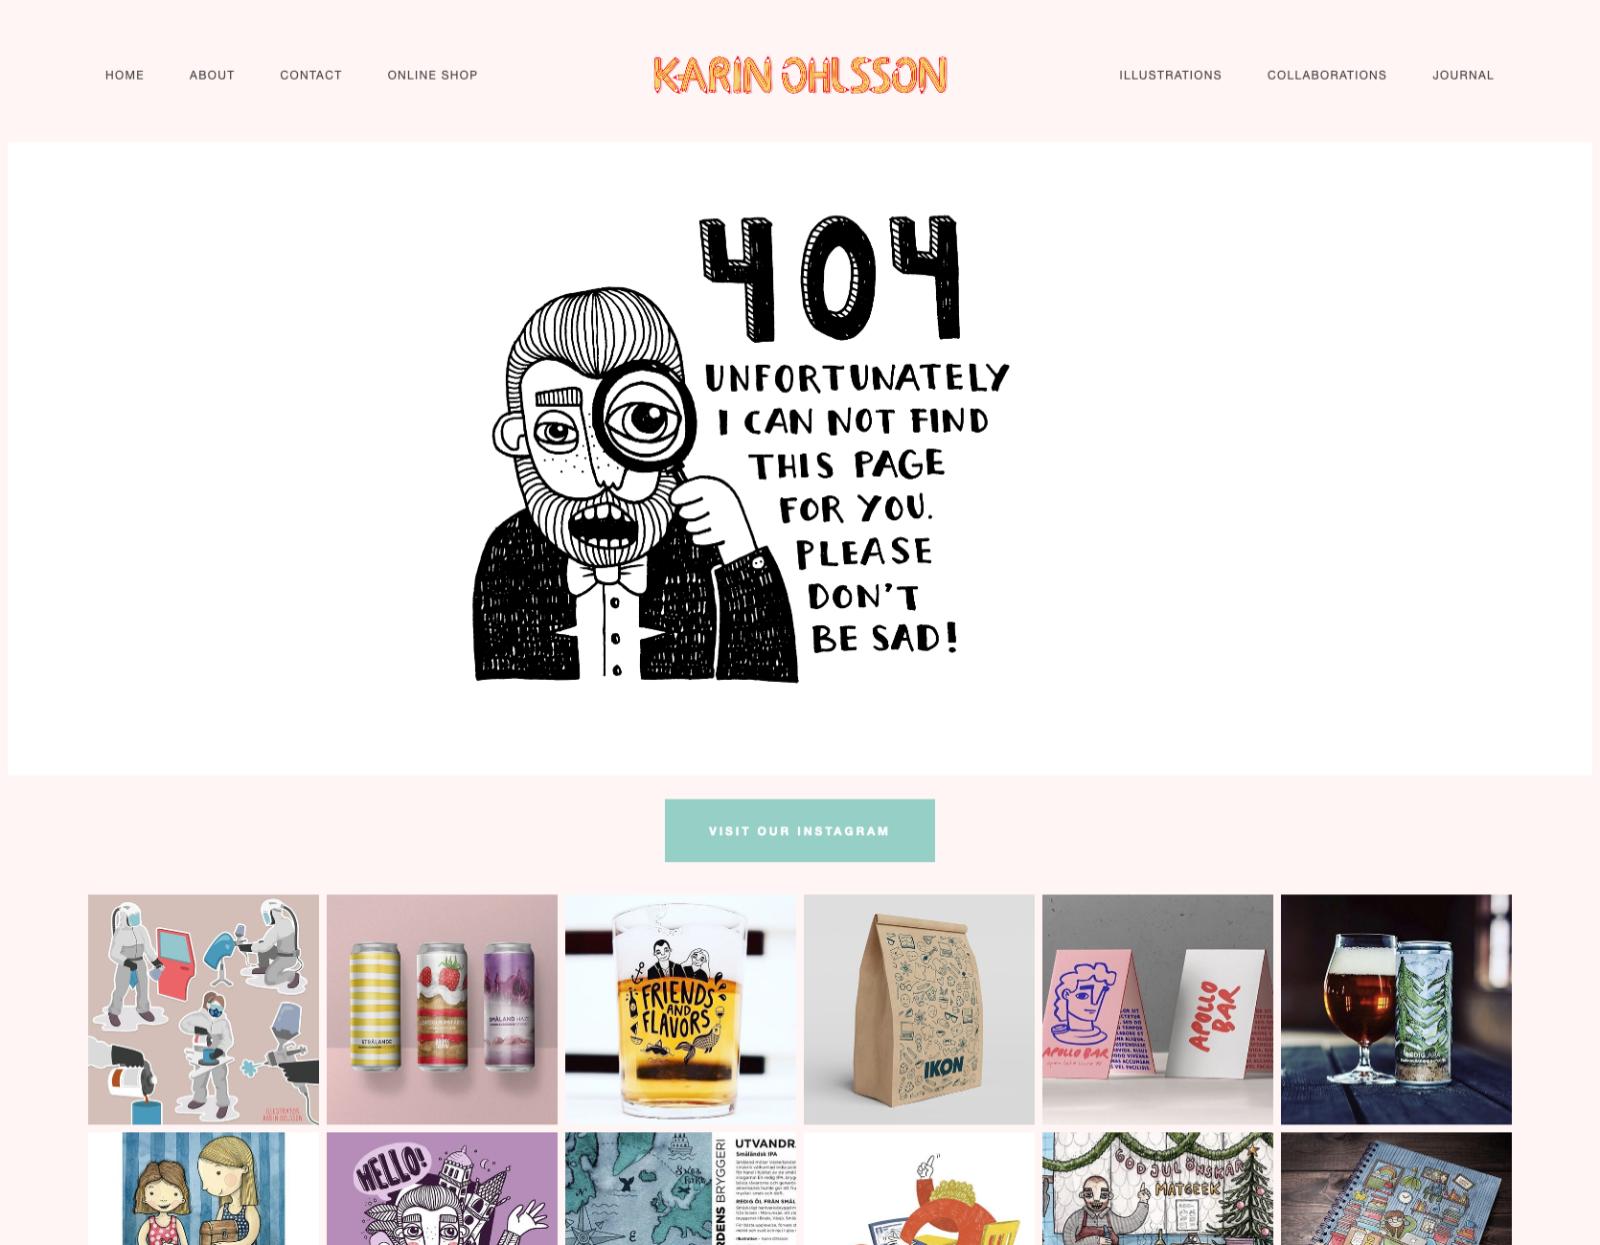 Teknik är ingen favoritsysselsättning, berättar illustratören Karin Ohlsson. Handlar det däremot om att rita en illustration till sin webbutiks 404-sida gör hon det gärna. Illustration: Karin Ohlsson.